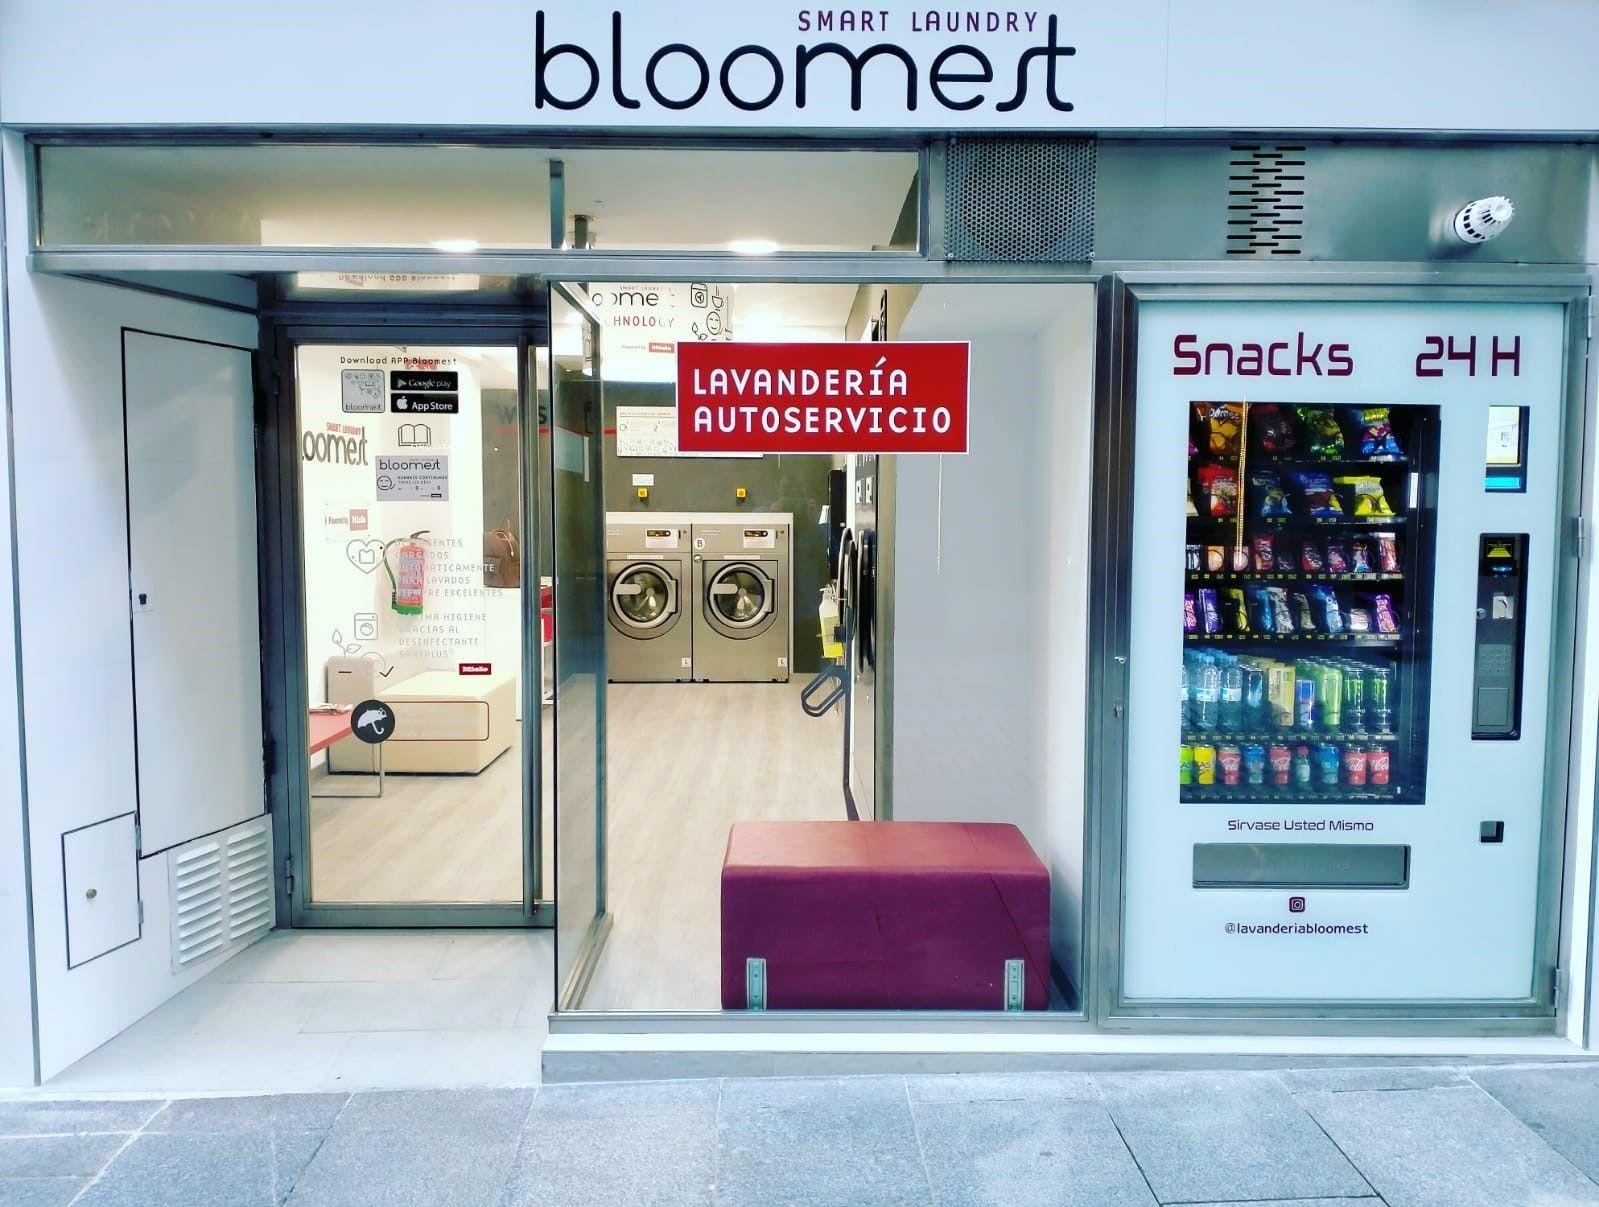 Miele abre la 1ª lavandería autoservicio en Salamanca con previsión de abrir 20 más en Castilla y León